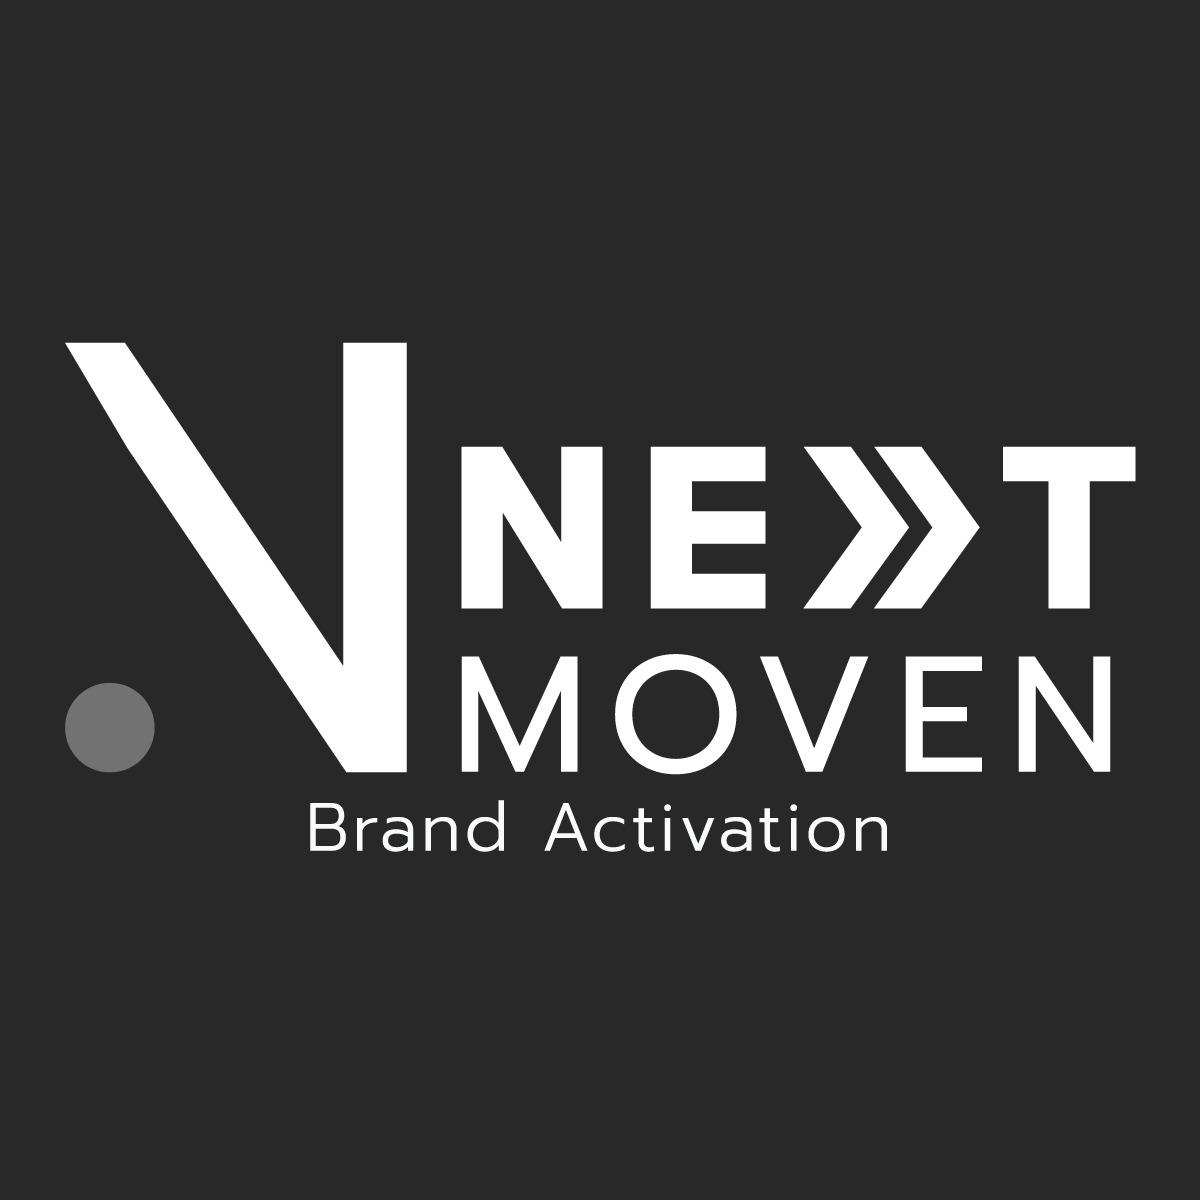 NextMoven